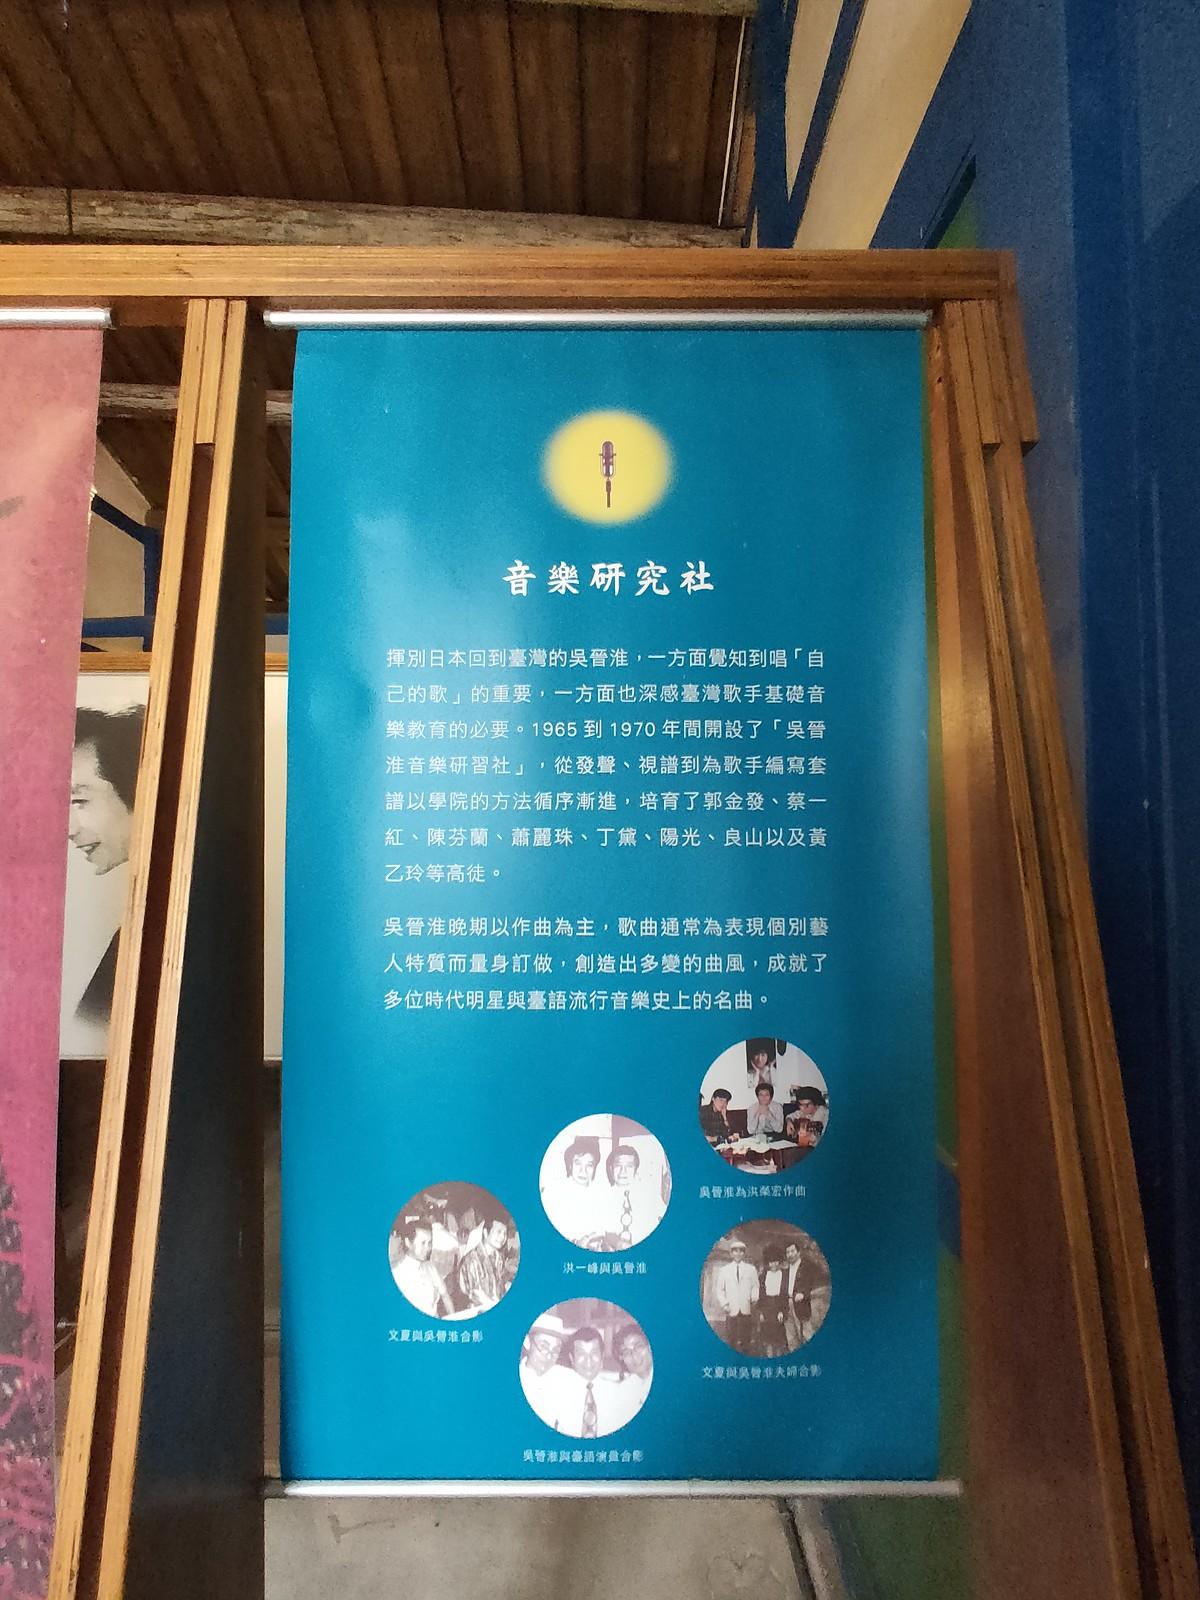 柳營吳晉淮音樂紀念館 (19)